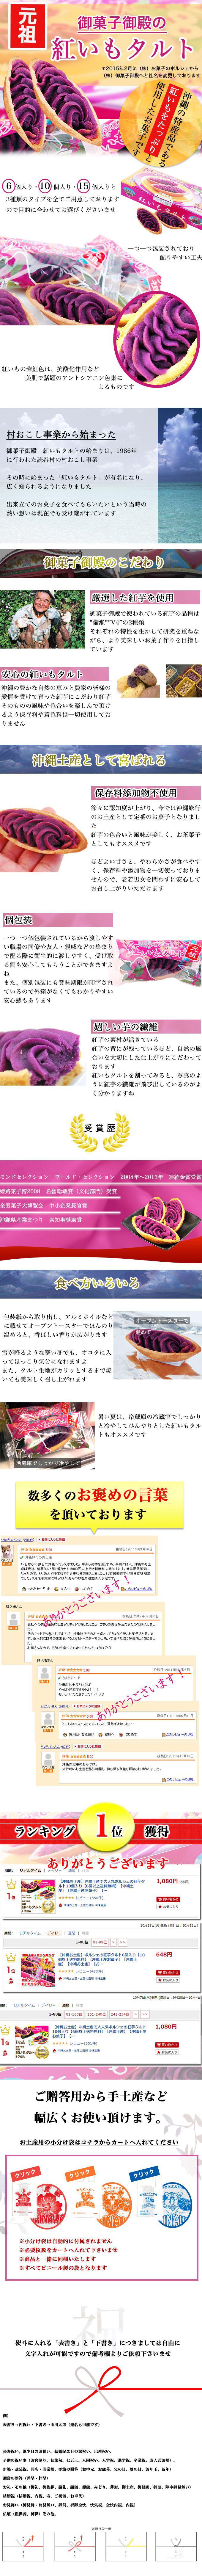 沖縄土産の人気商品 御菓子御殿 紅いもタルト